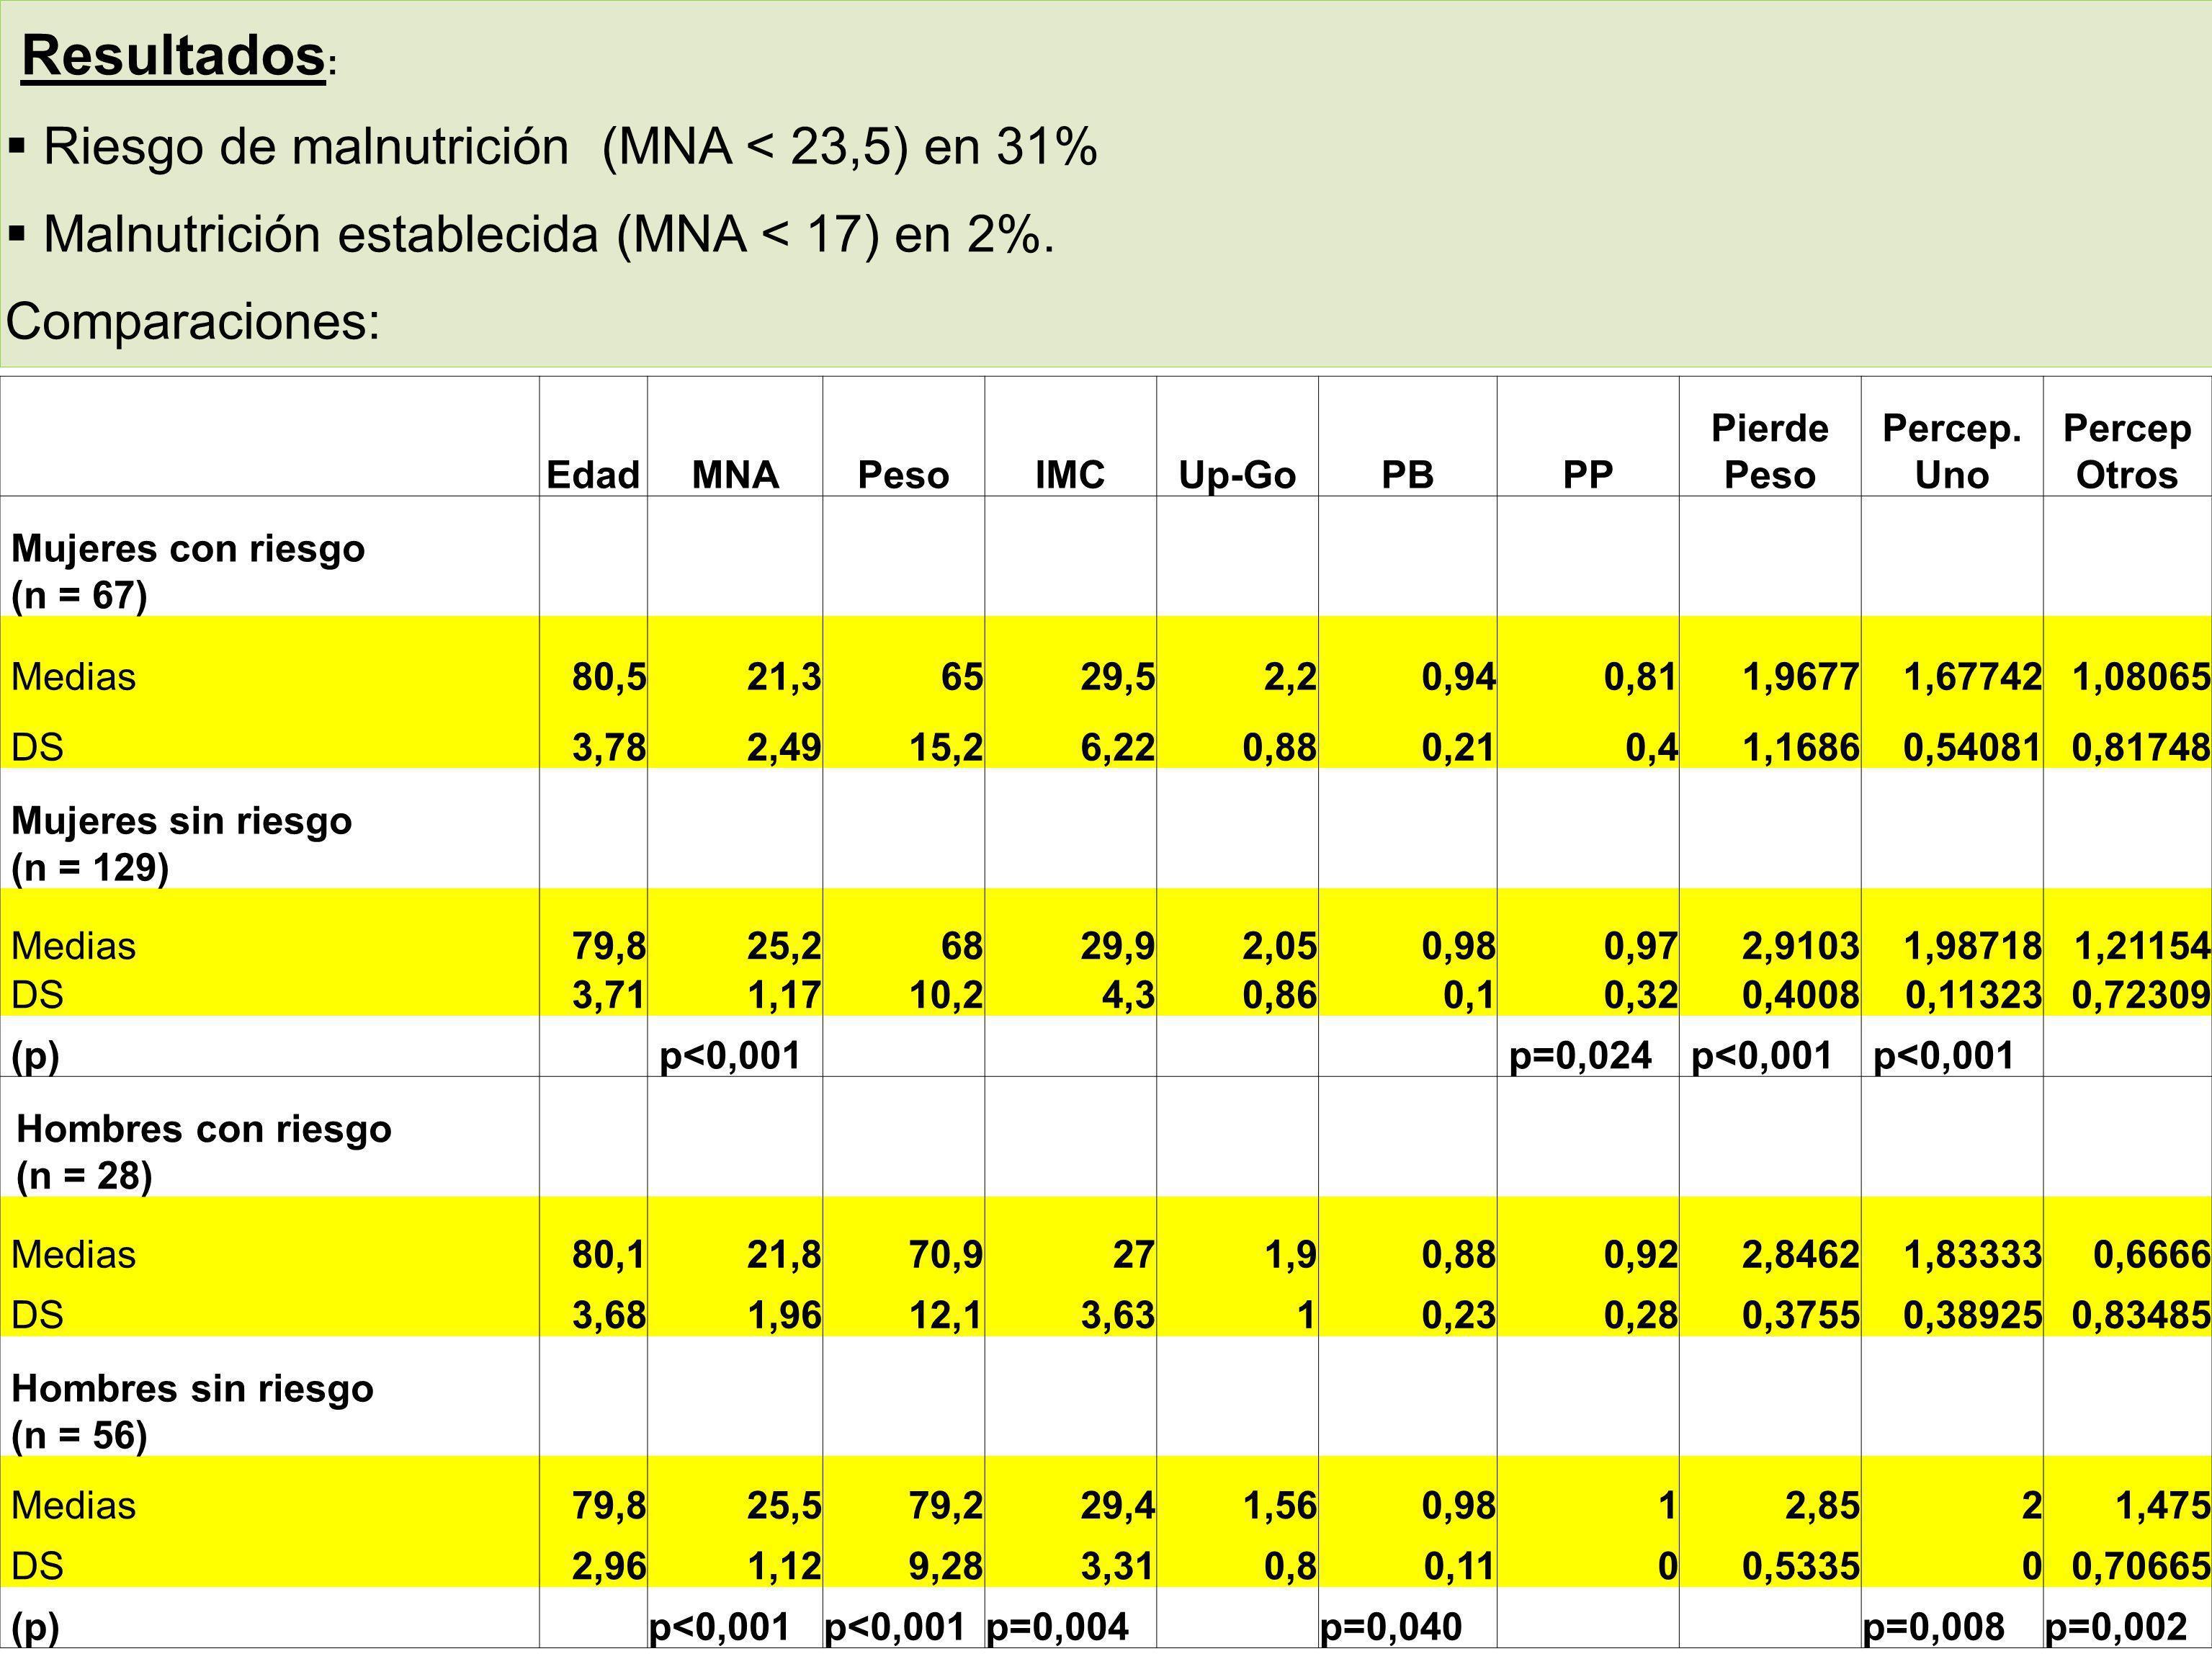 Resultados: Riesgo de malnutrición (MNA < 23,5) en 31%